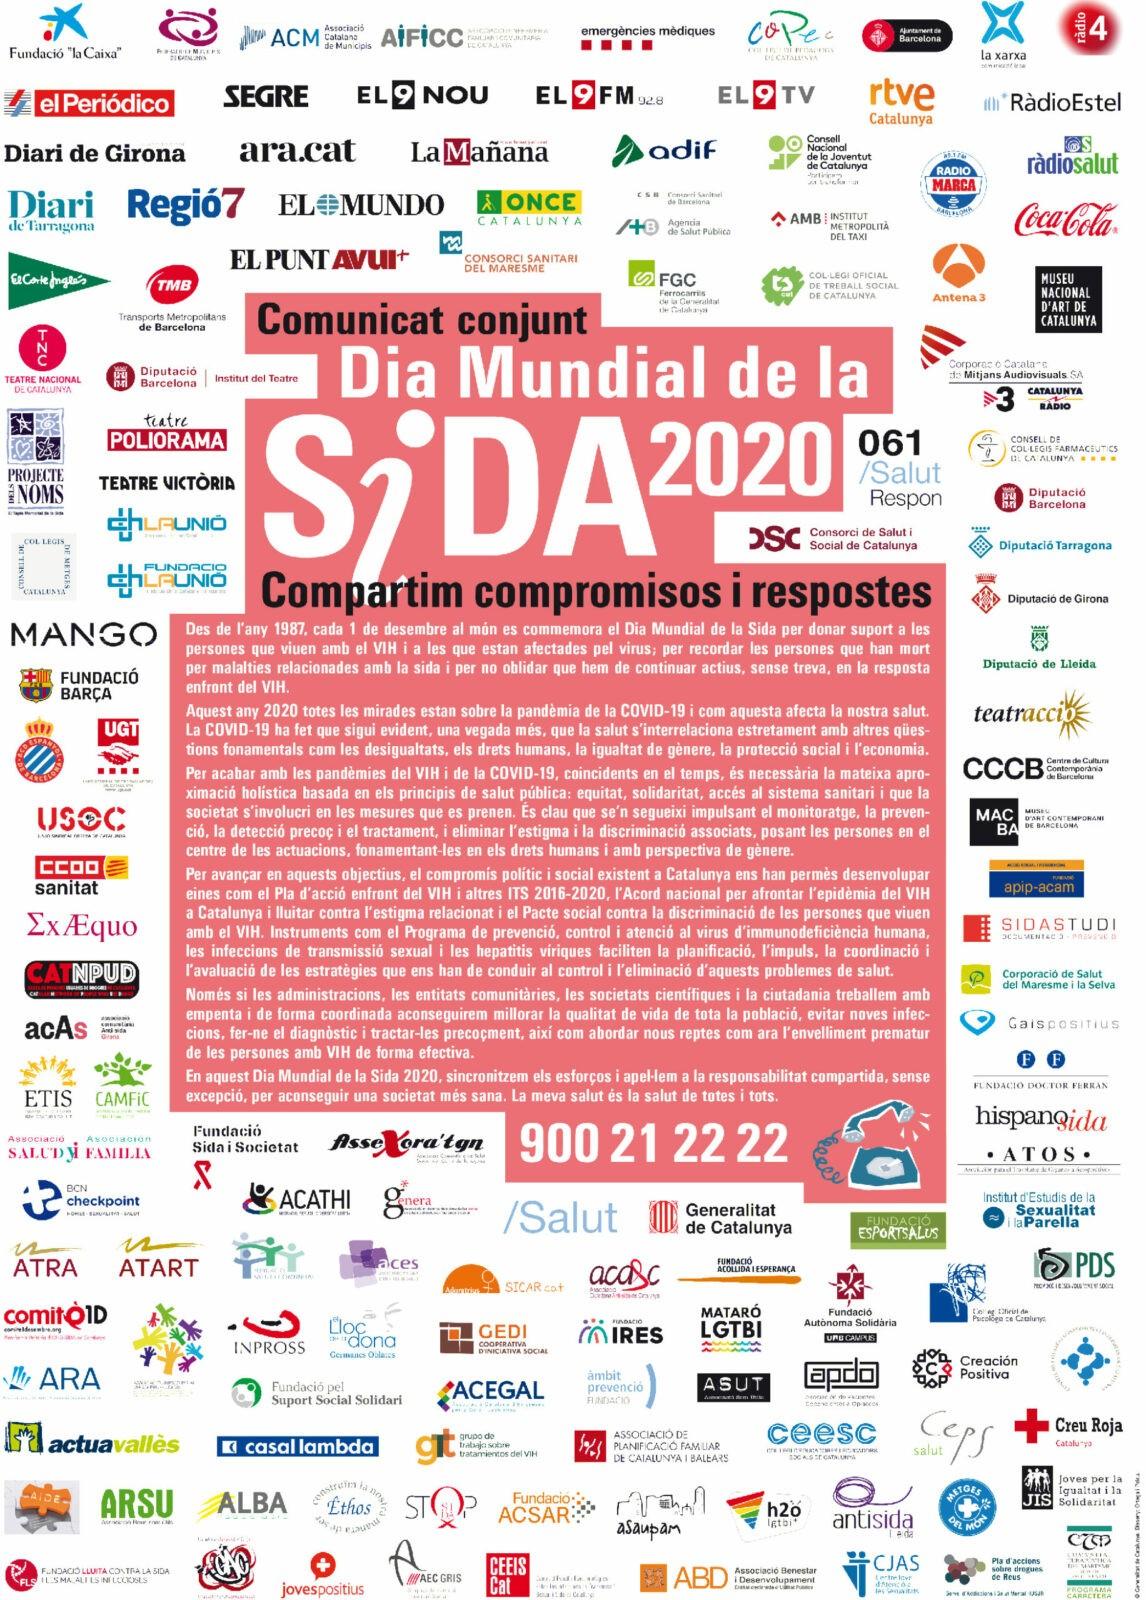 DIA MUNDIAL DE LA SIDA 2020